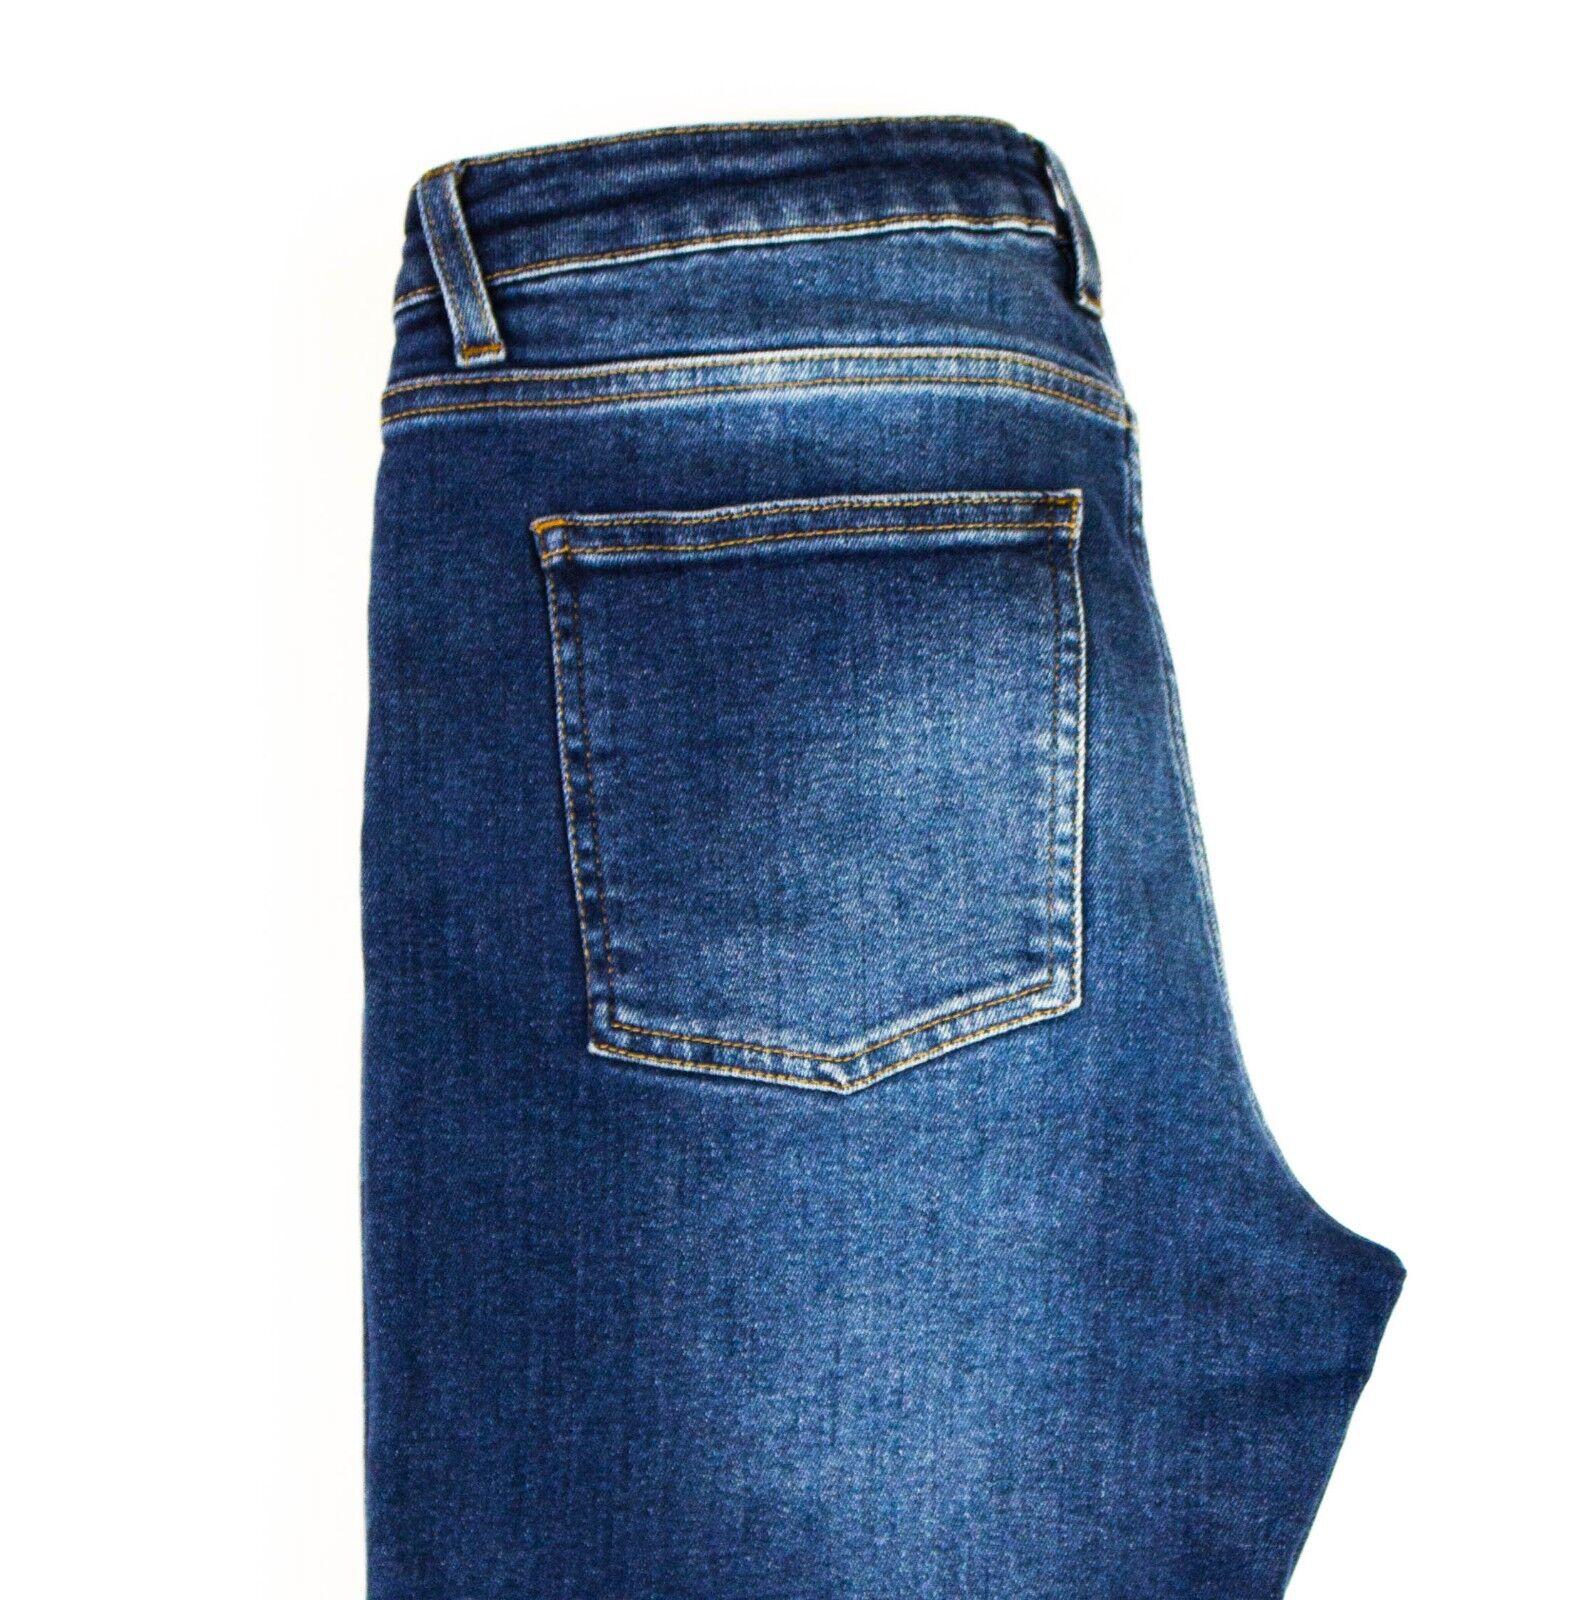 Acne Studios Femme Jeans Peau 5 Utilisé blue CZ576 Jeans W30 L30